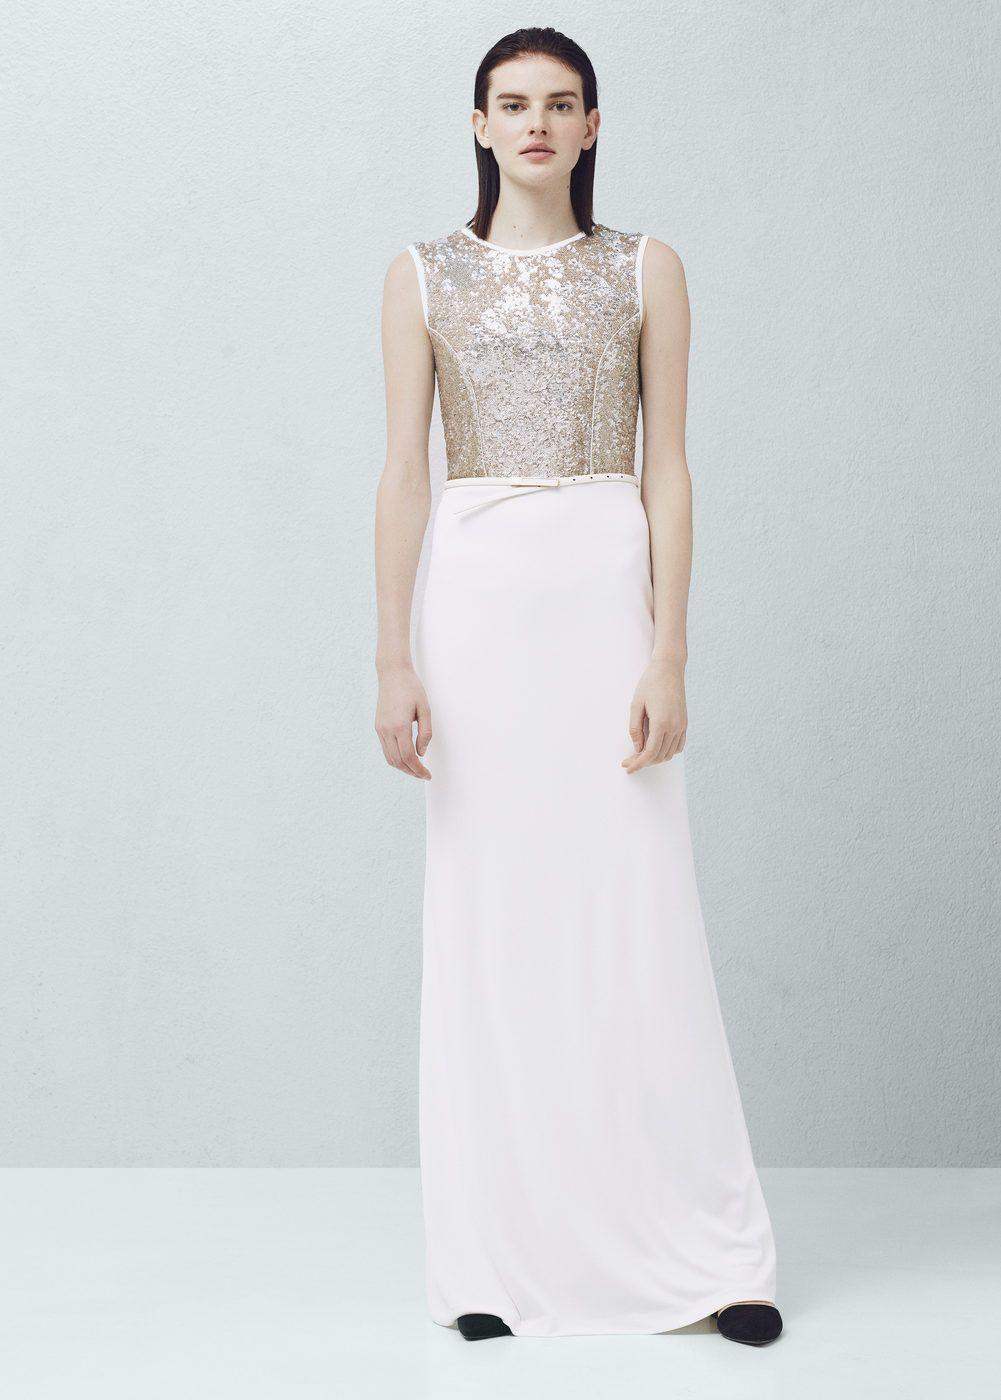 Langes Kleid mit Pailletten | Kleid mit pailletten, Pailletten und ...